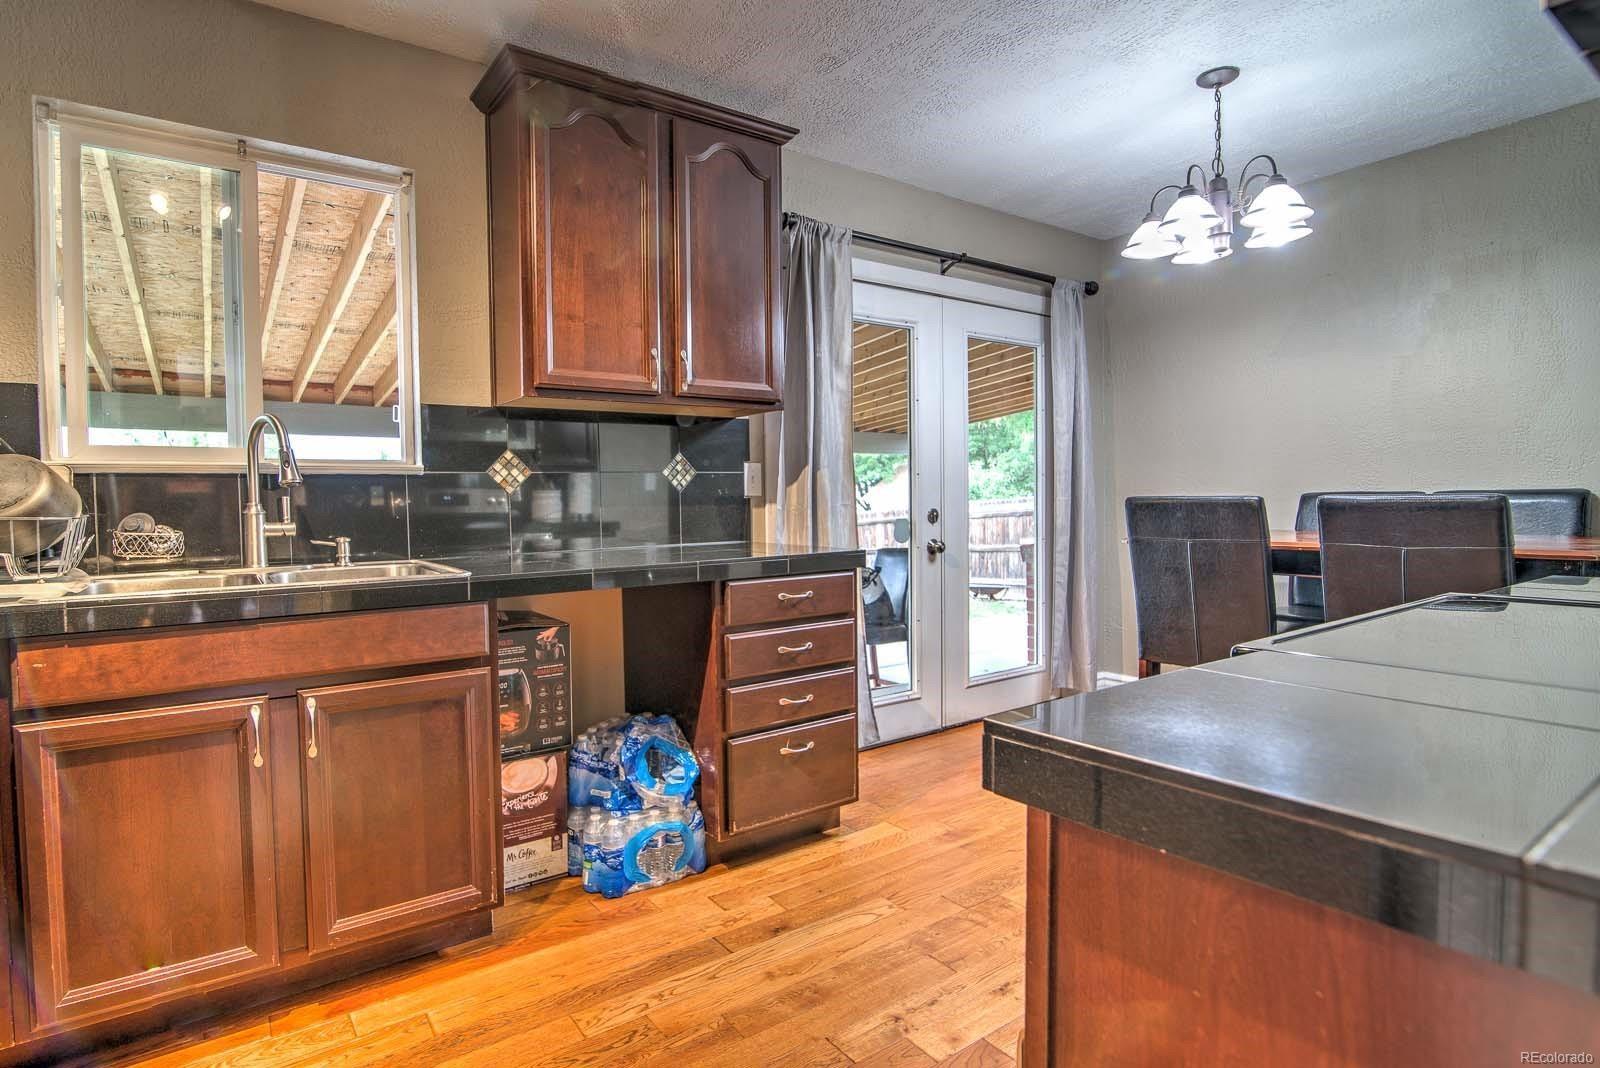 MLS# 4599263 - 5 - 1624 Nueva Vista Drive, Denver, CO 80229